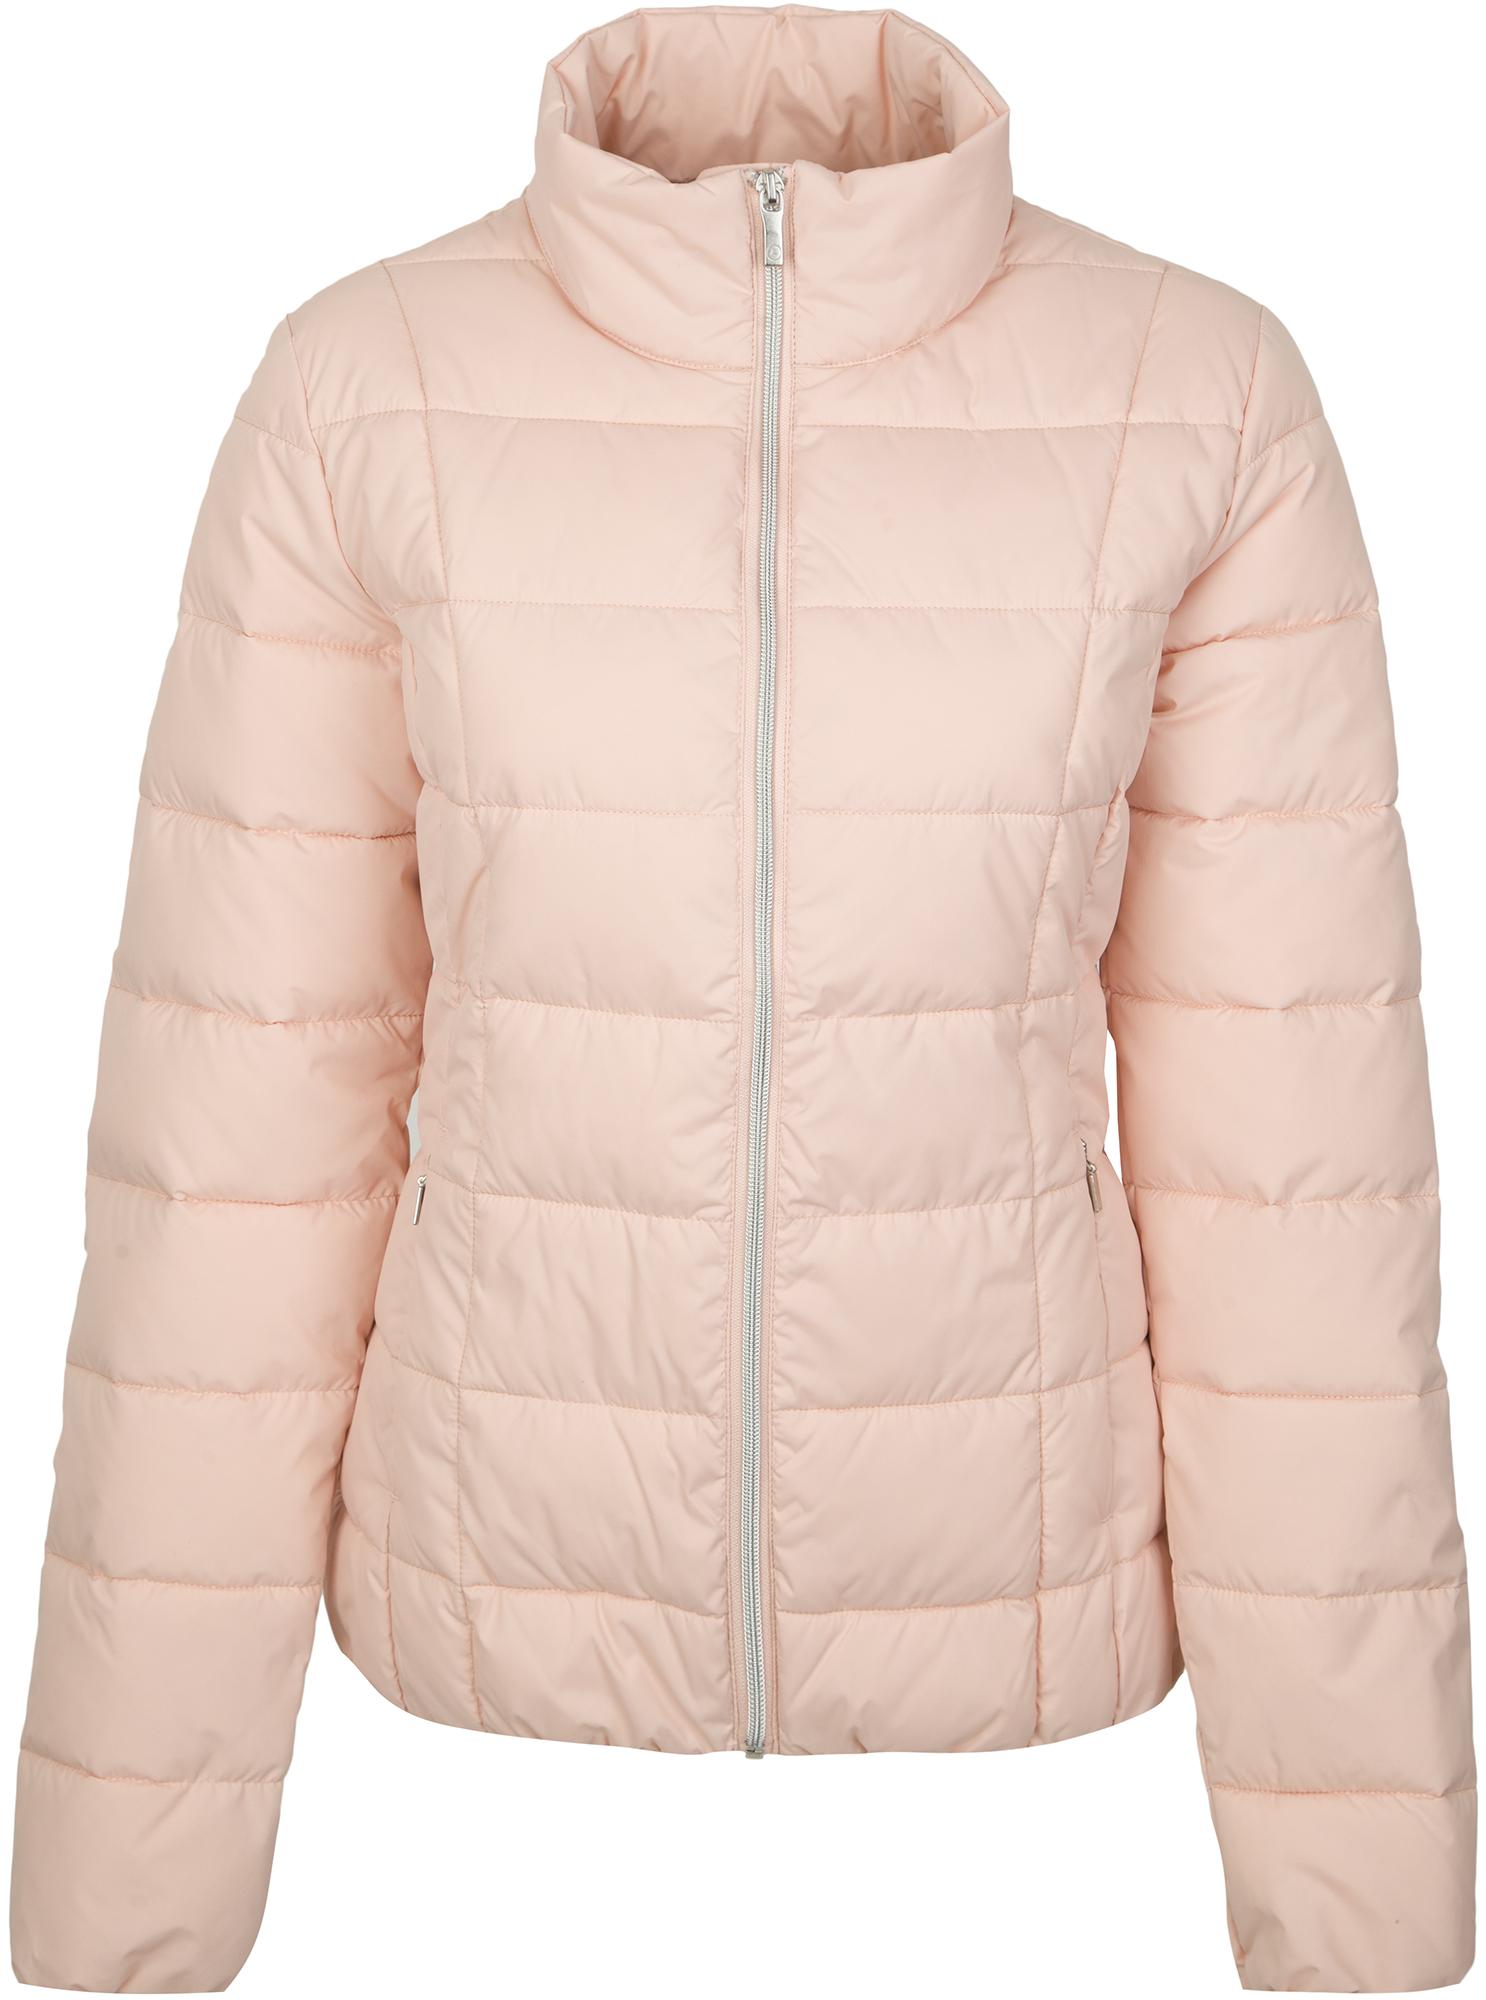 Luhta Куртка утепленная женская Luhta Lette, размер 52